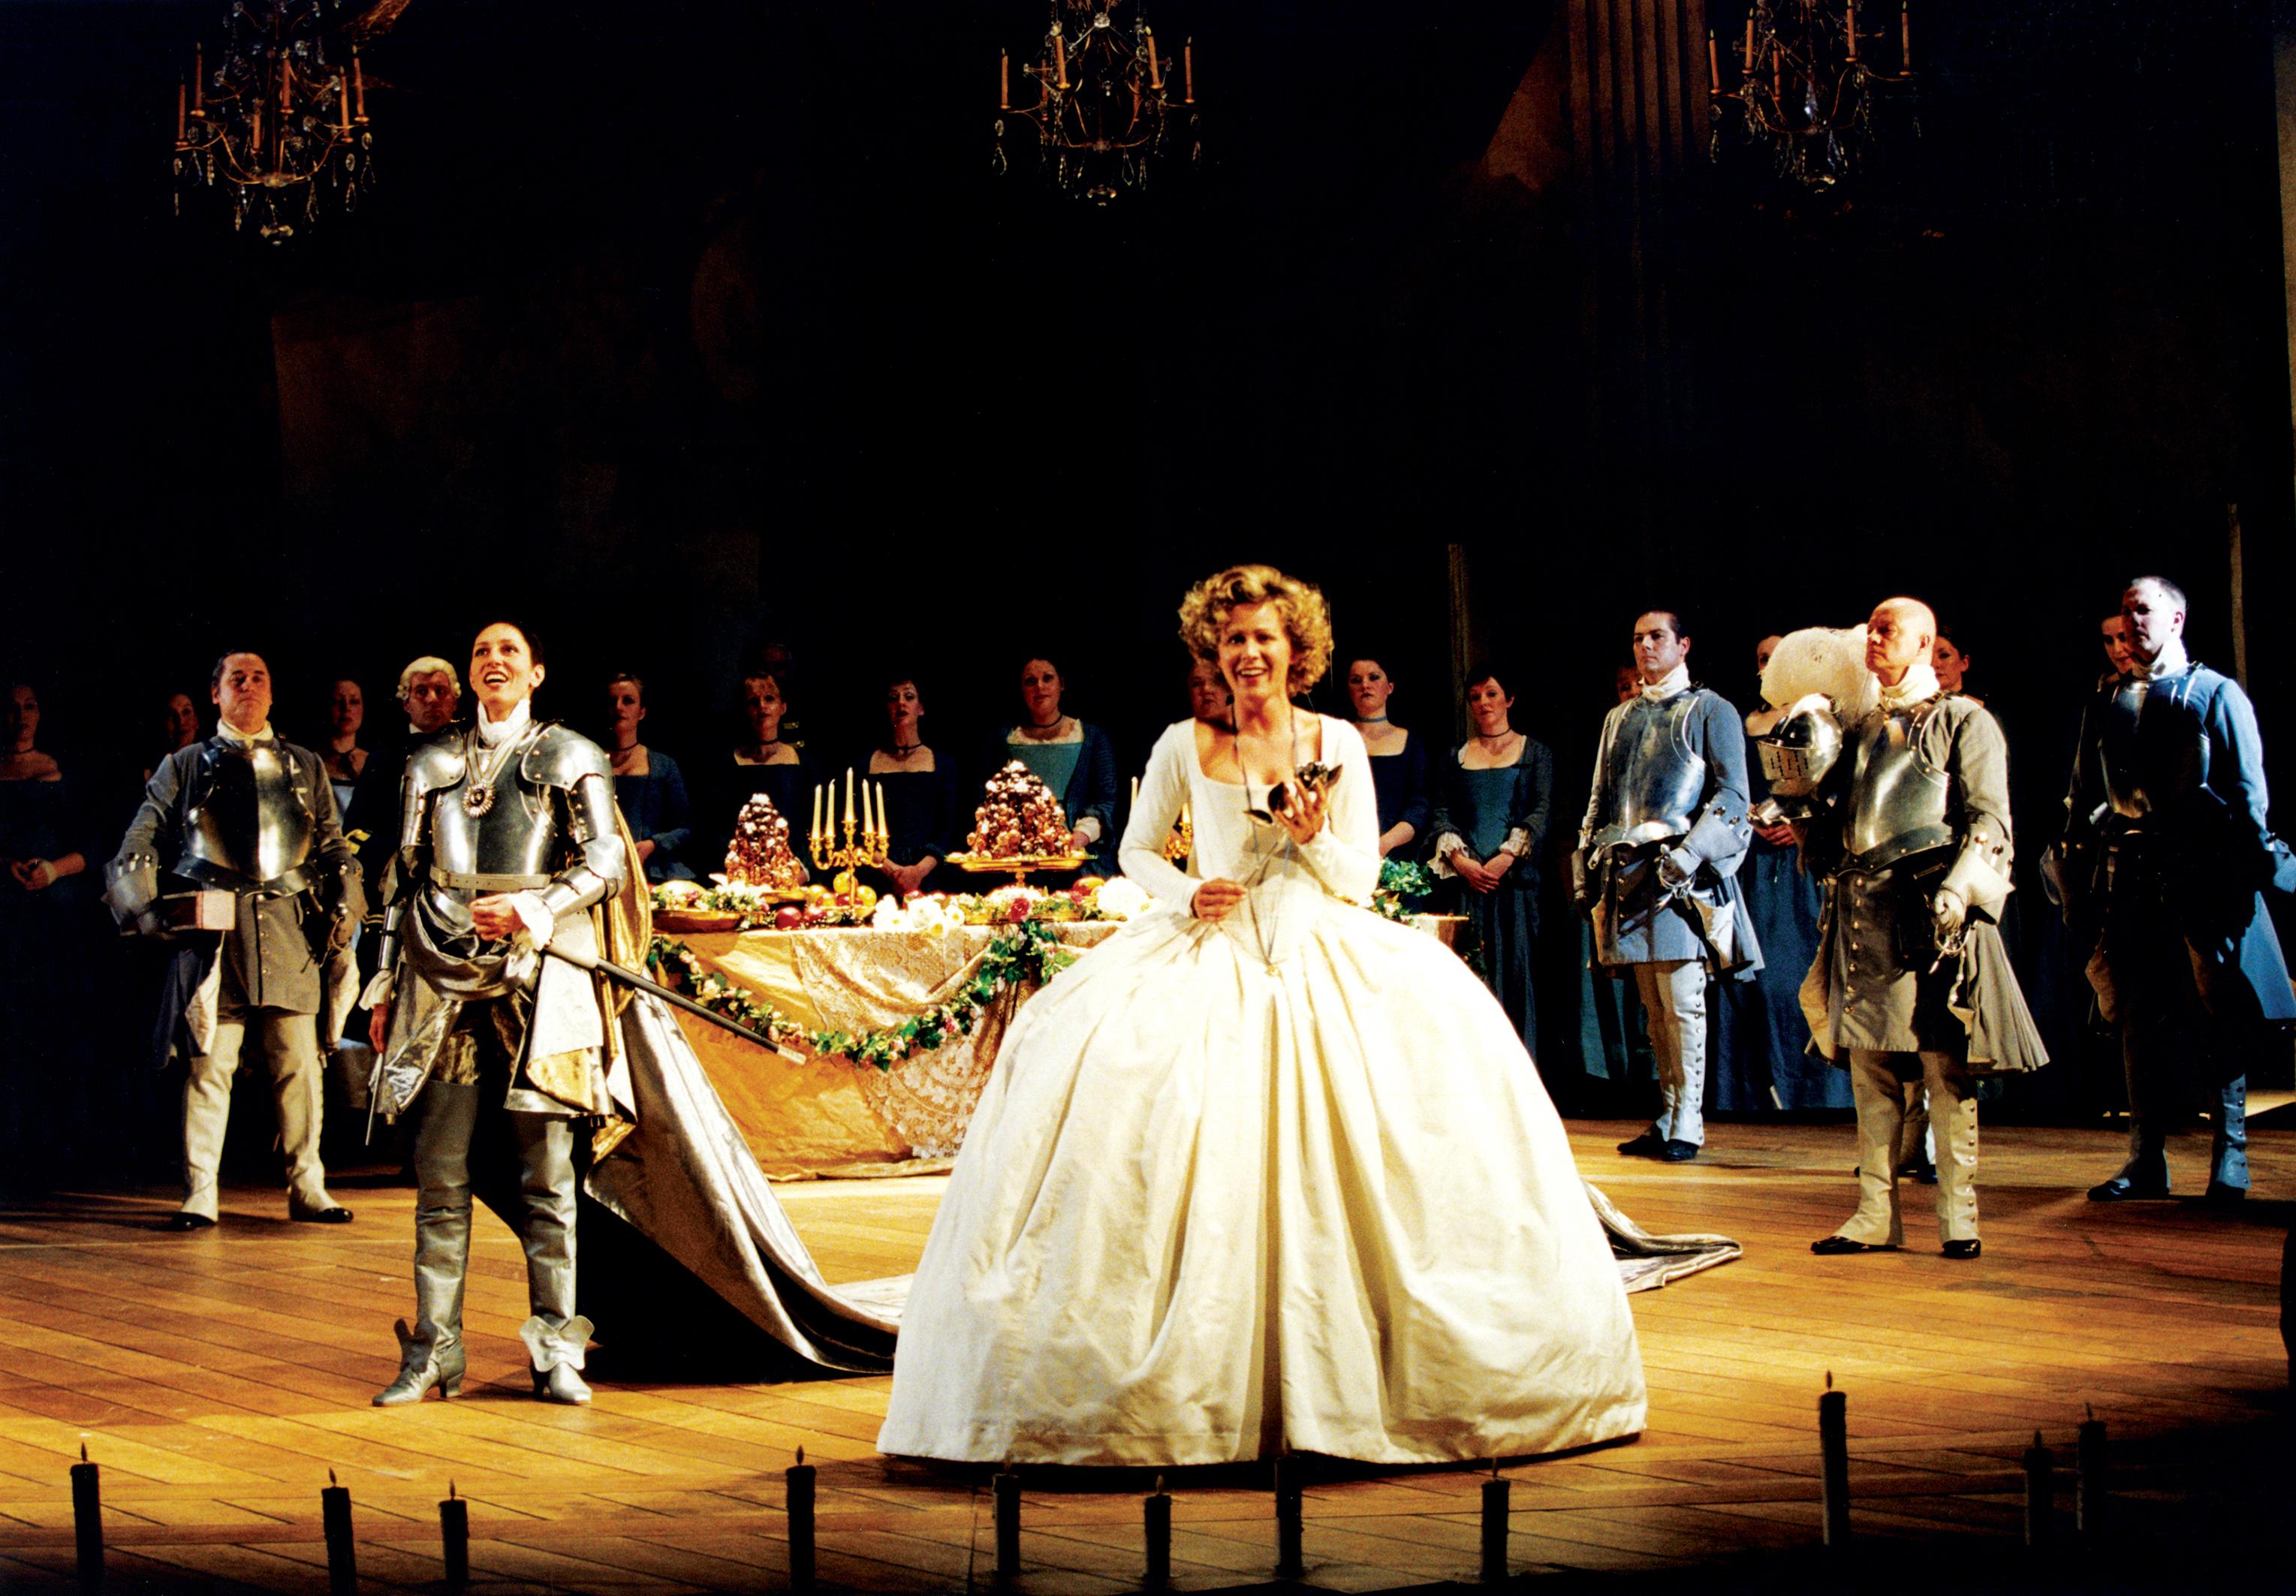 Der Rosenkavalier, 2002